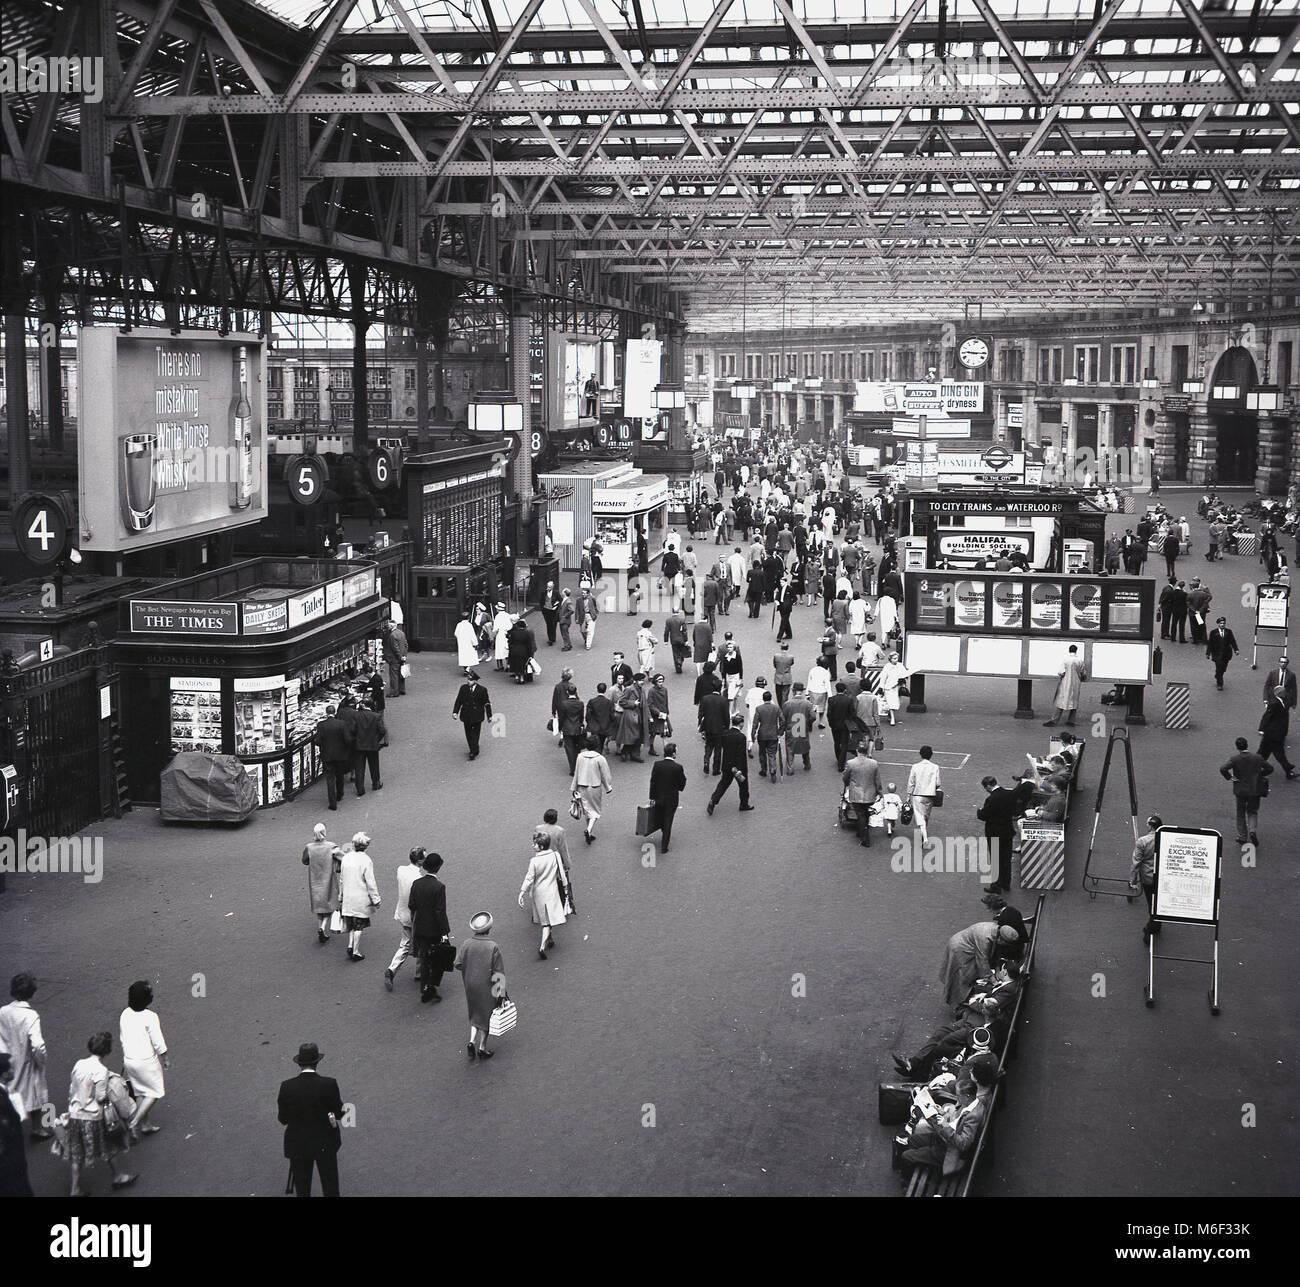 1960, 09.15am, y una foto histórica del vestíbulo de la estación de tren de Waterloo de Londres, Imagen De Stock